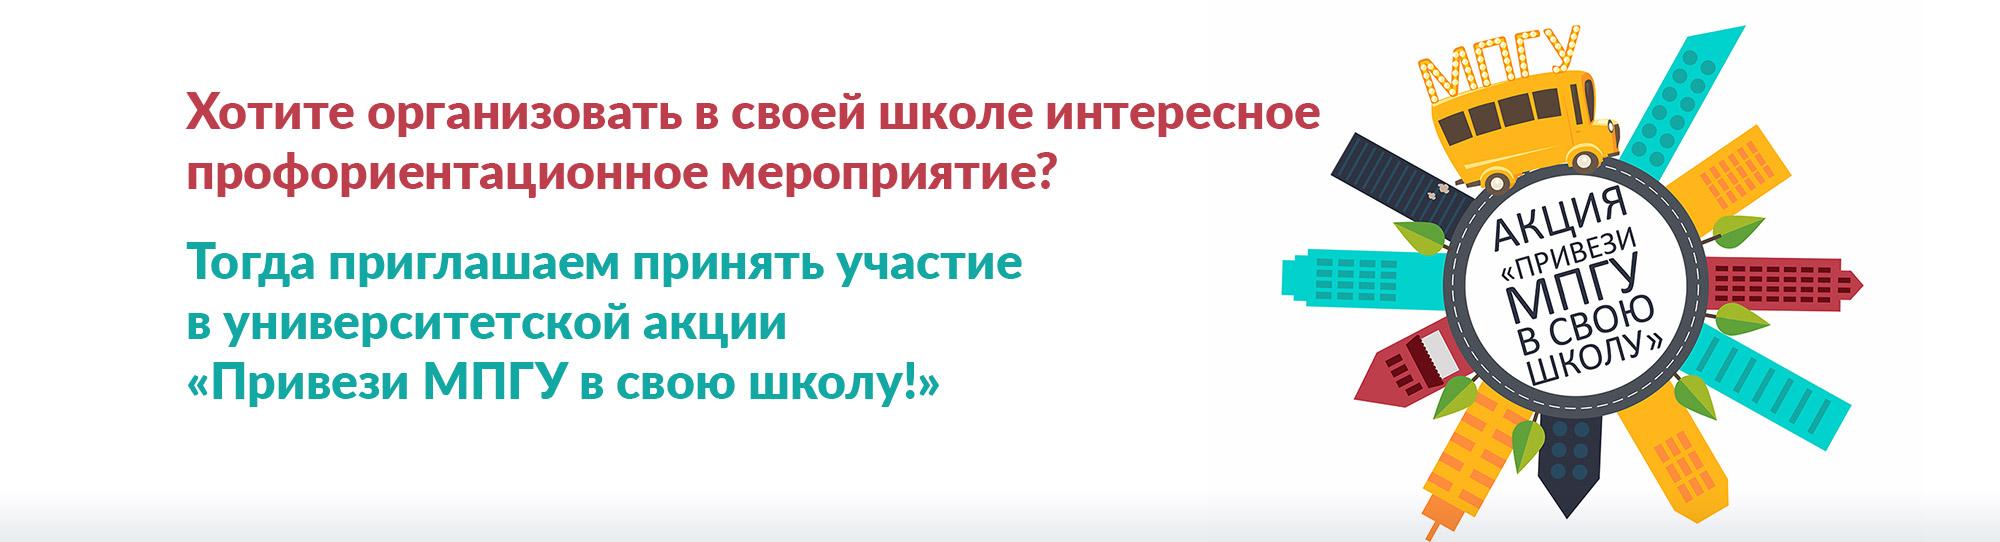 mpgu-site-proforient-proekt3-banner